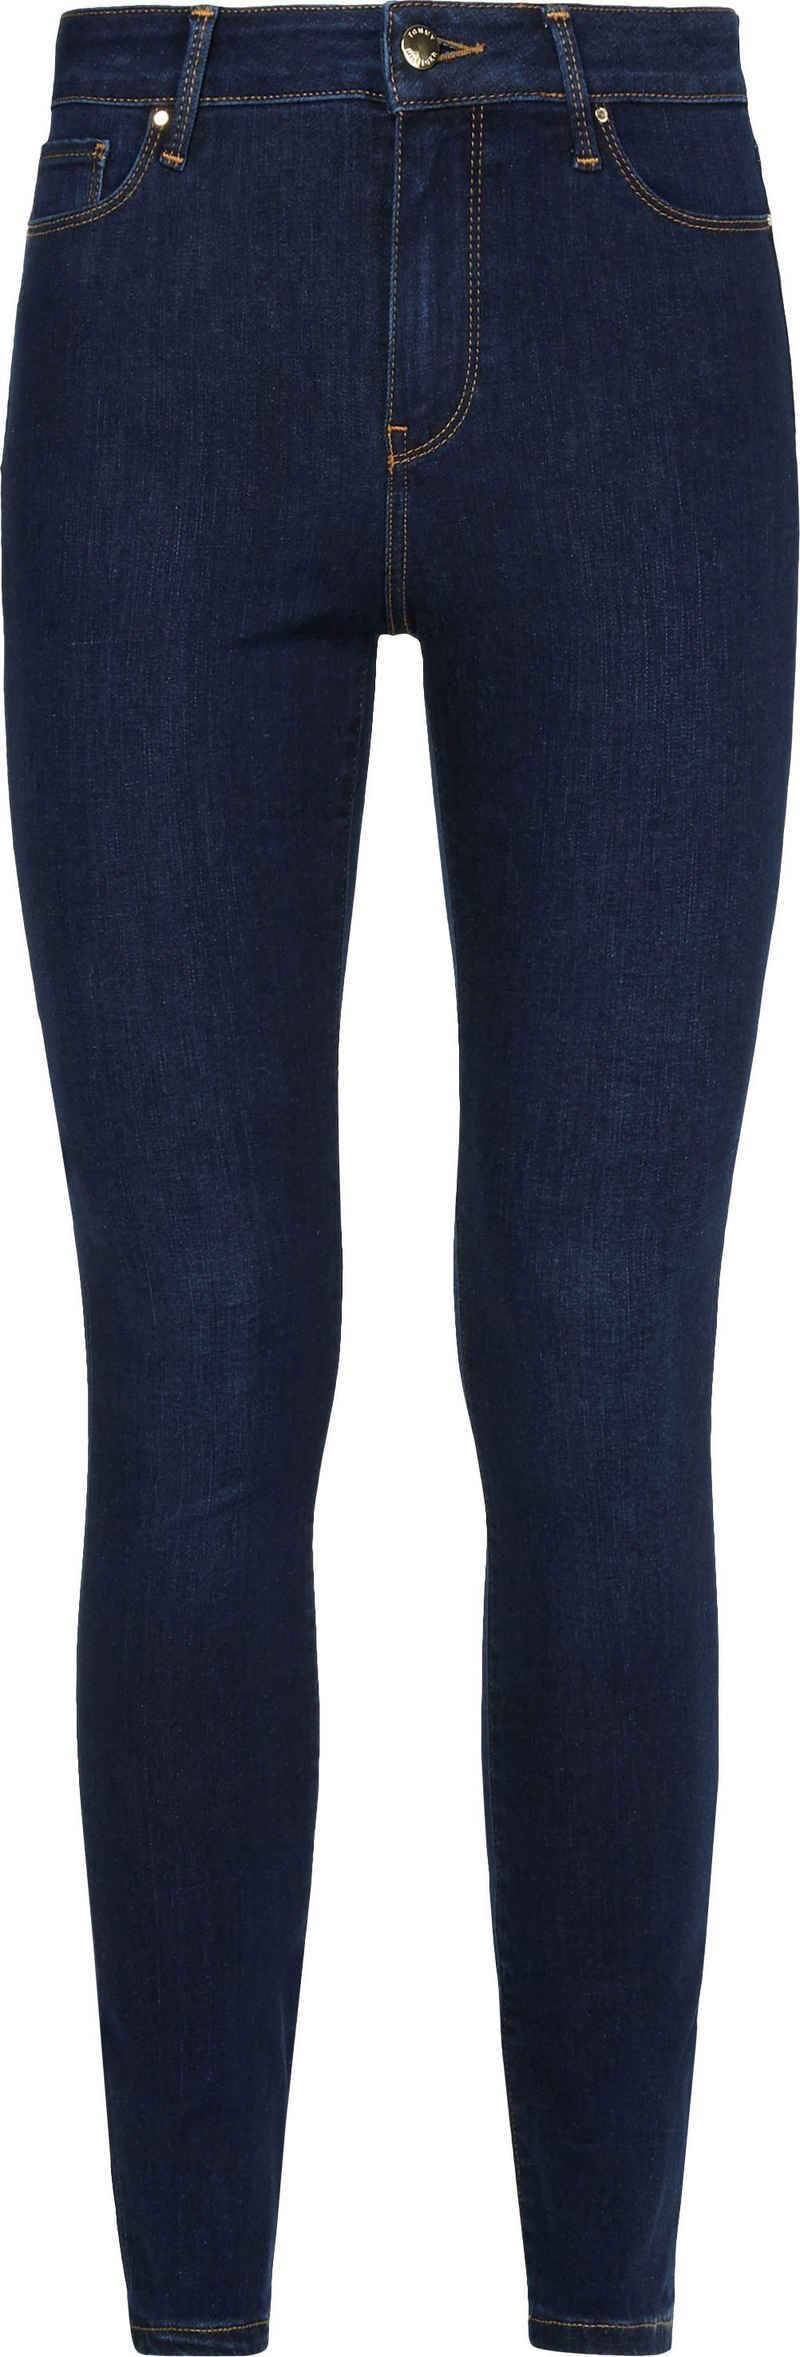 Tommy Hilfiger Curve Skinny-fit-Jeans »CRV FLEX HARLEM U SKINNY HW IZZA« mit Tommy Hilfiger Curve Logo-Badge